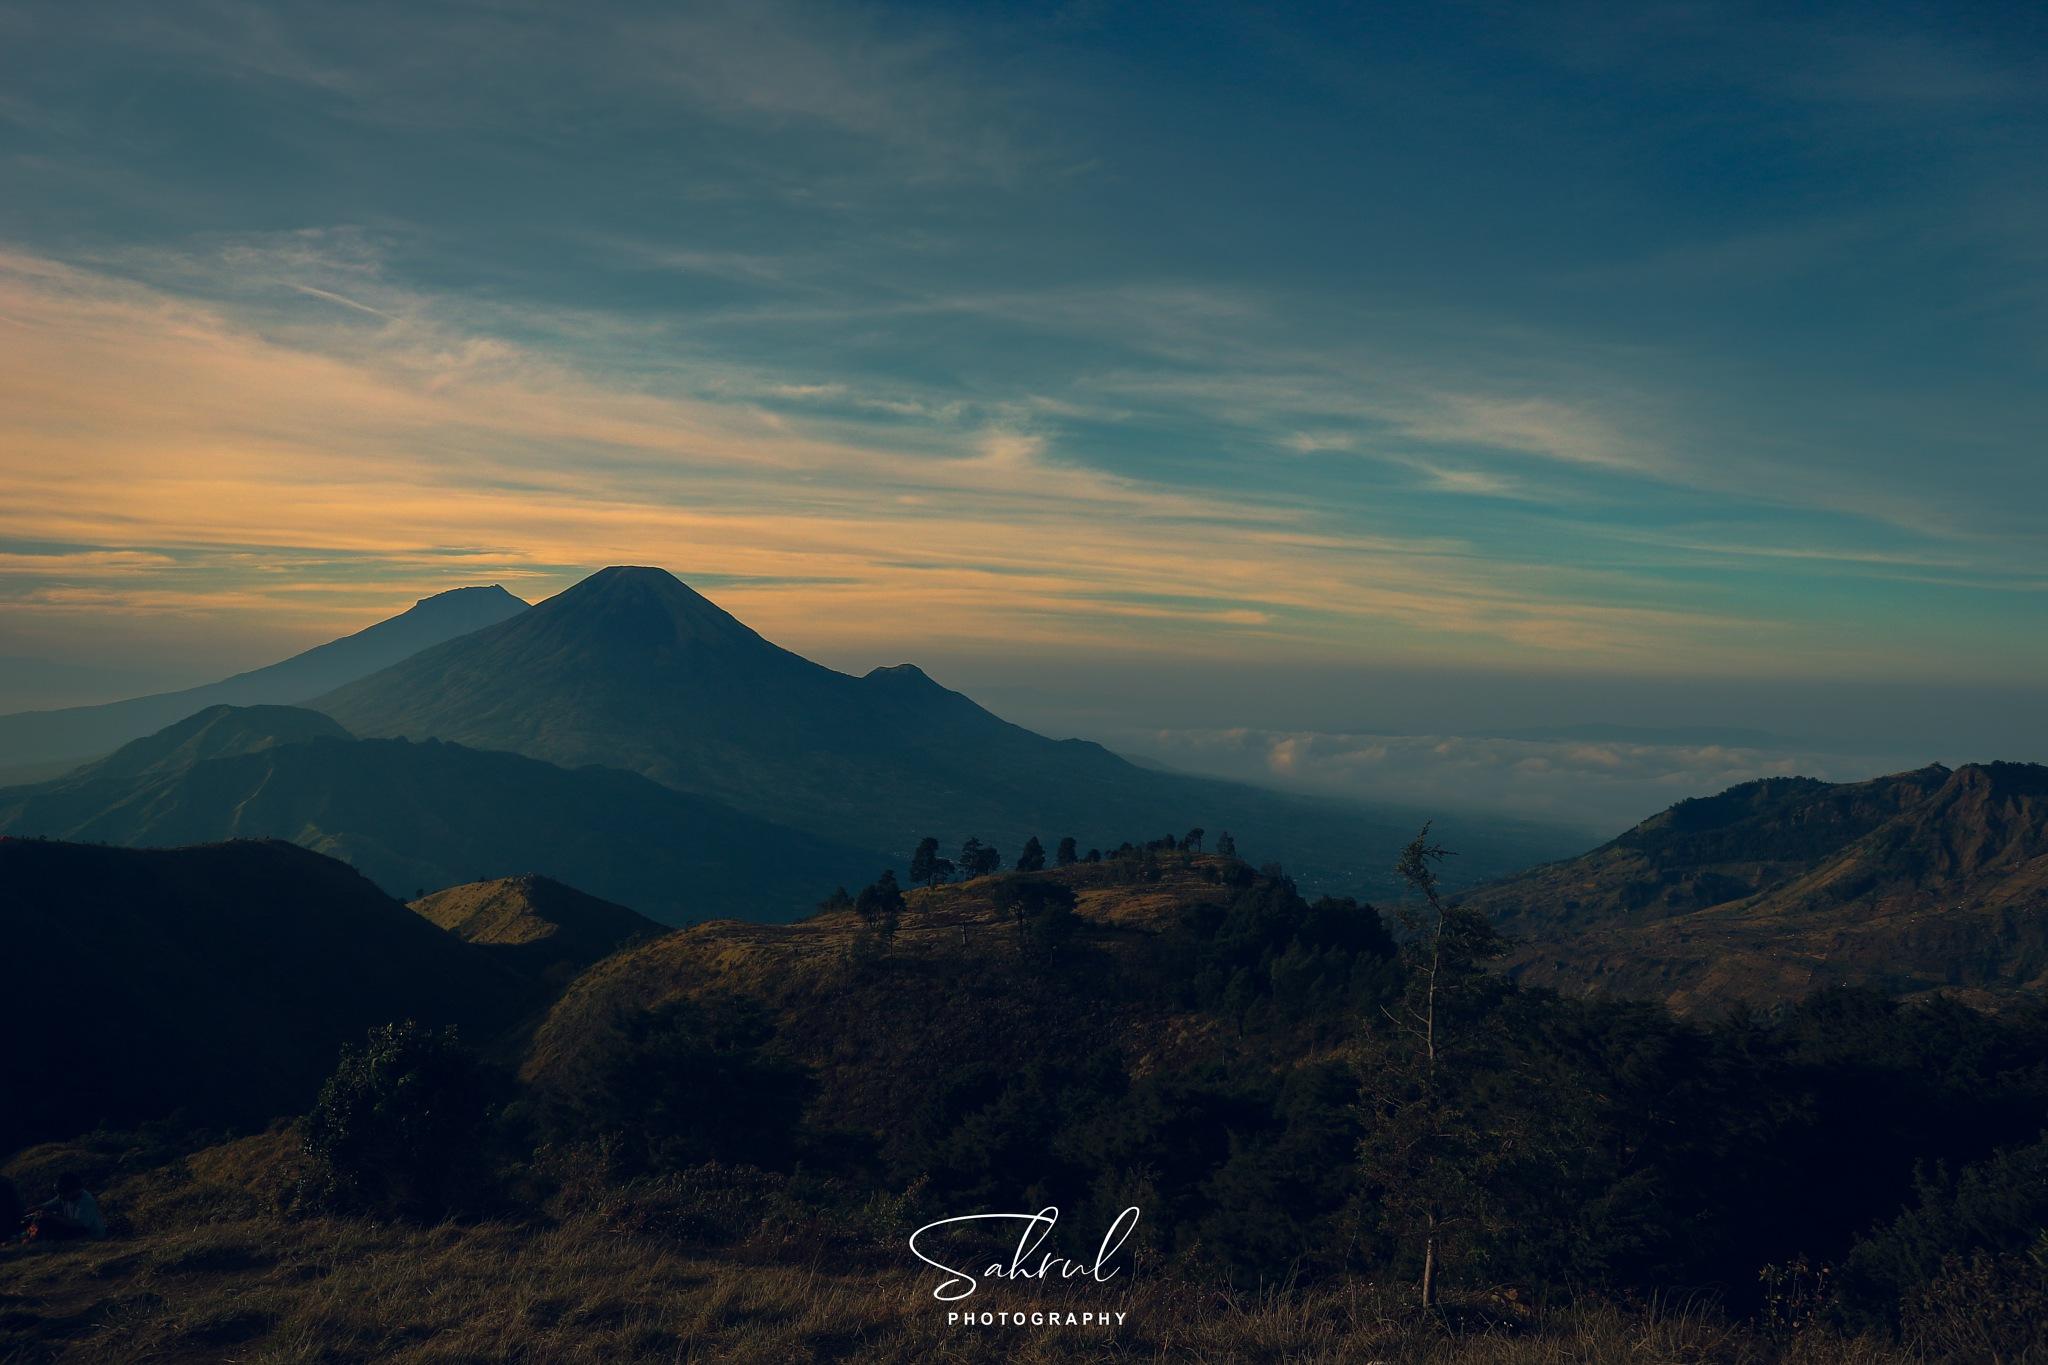 prau mountain by sahrul panji